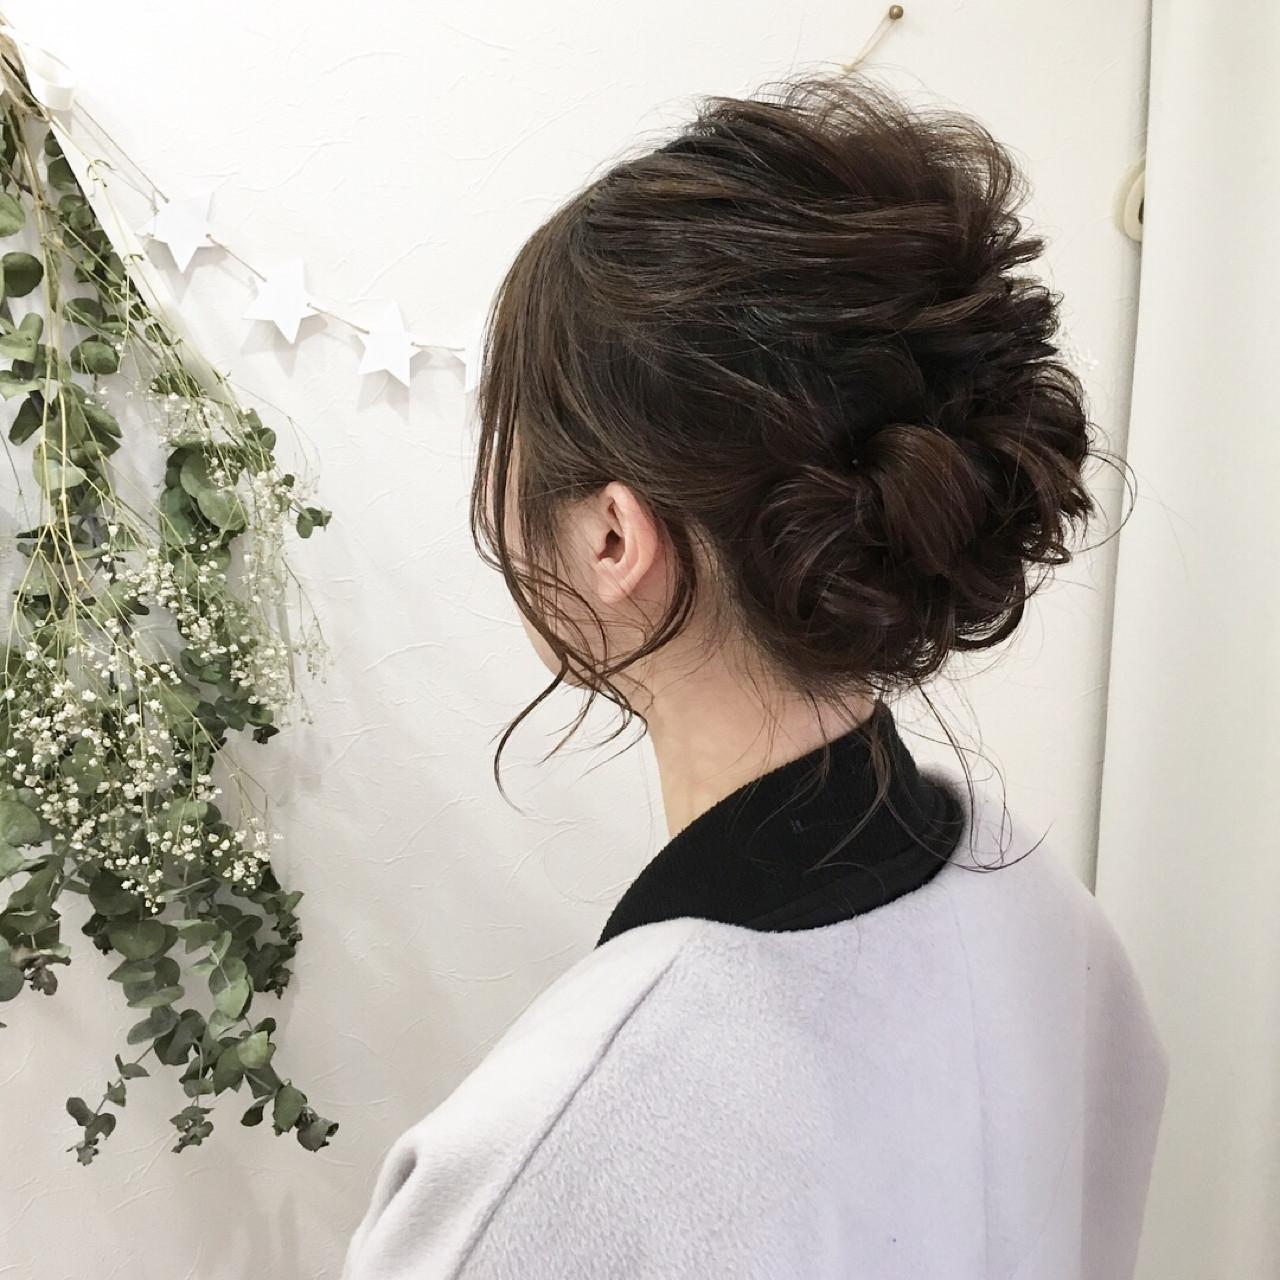 ミディアム 成人式 ヘアアレンジ ナチュラル ヘアスタイルや髪型の写真・画像 | 原田あゆみ / coquille/コキーユ